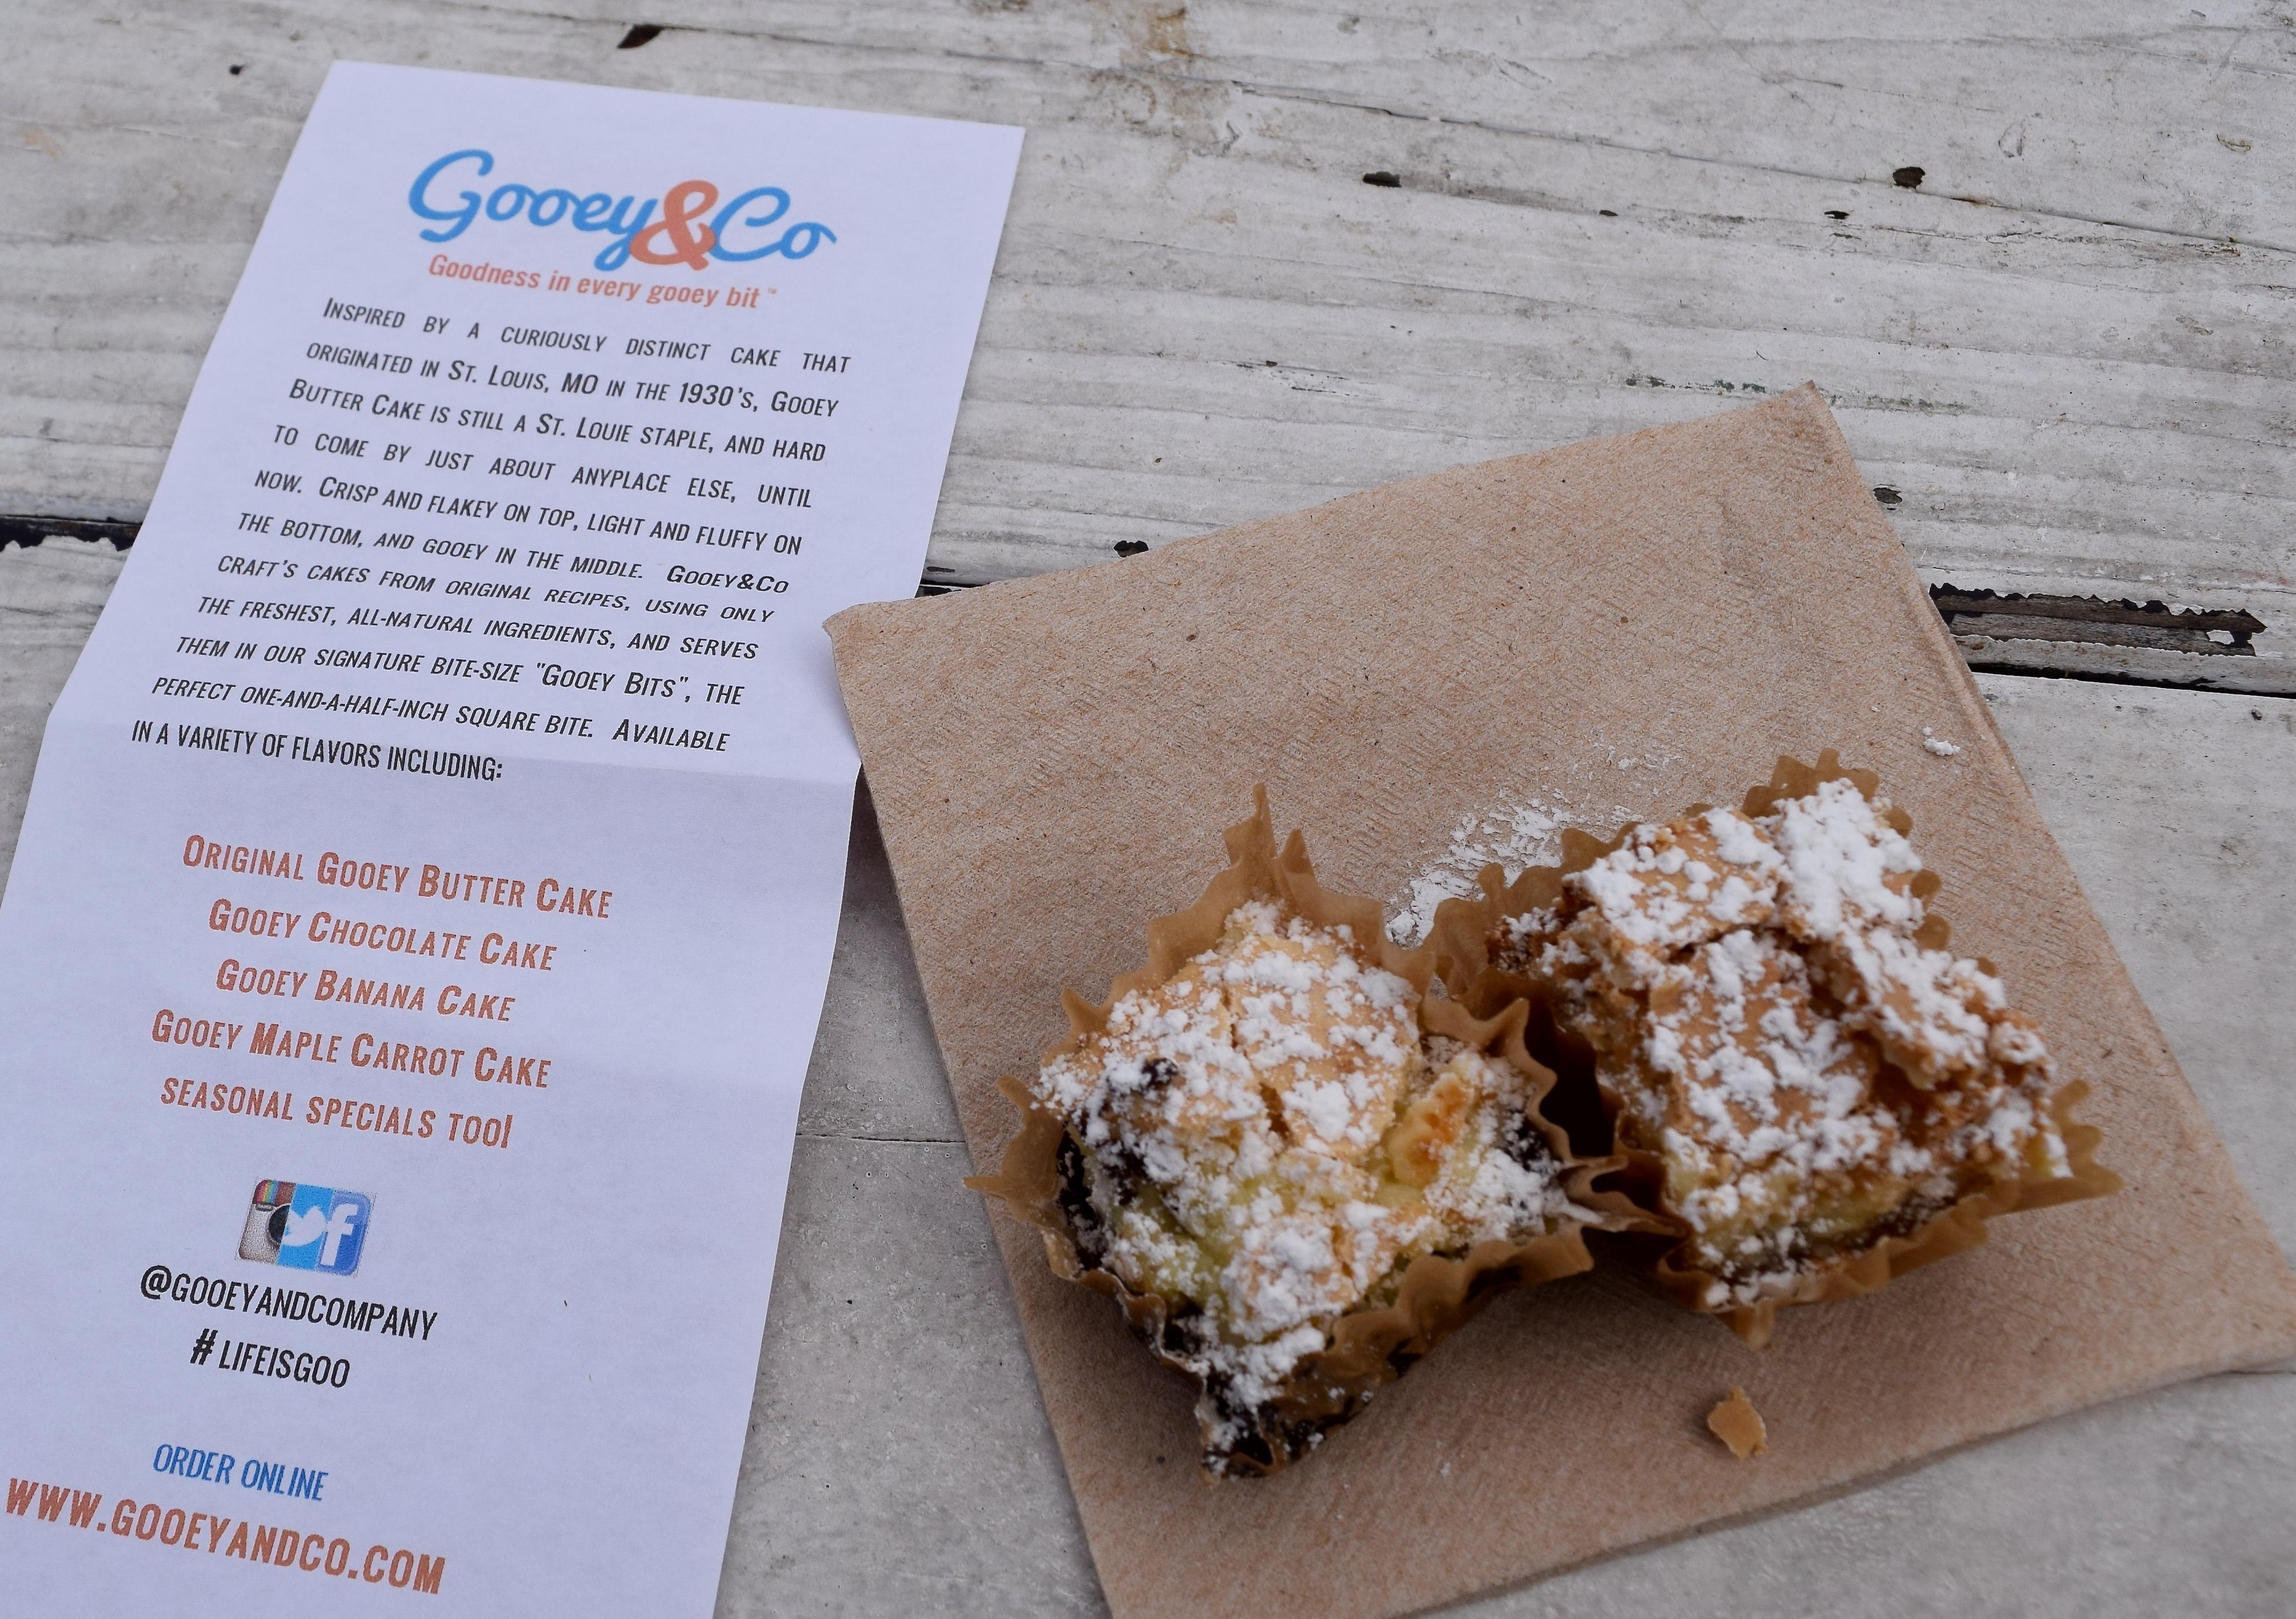 Gooey Butter Cake Smorgasburg